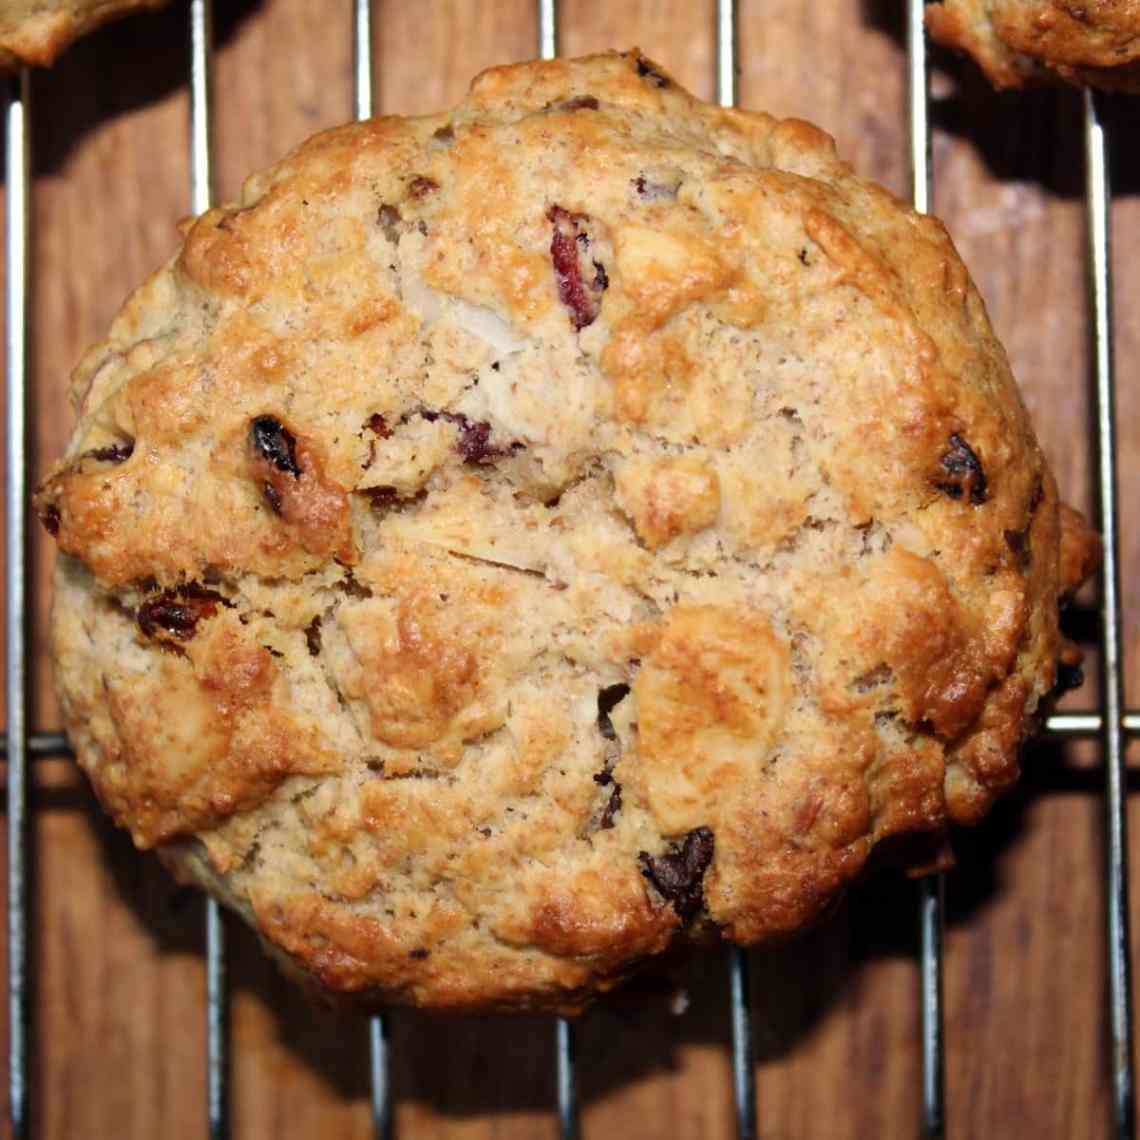 Grove scones med frugt og nødder - grahams scones - find opskrifter og inspiration på danishthings.com © Christel Danish Things